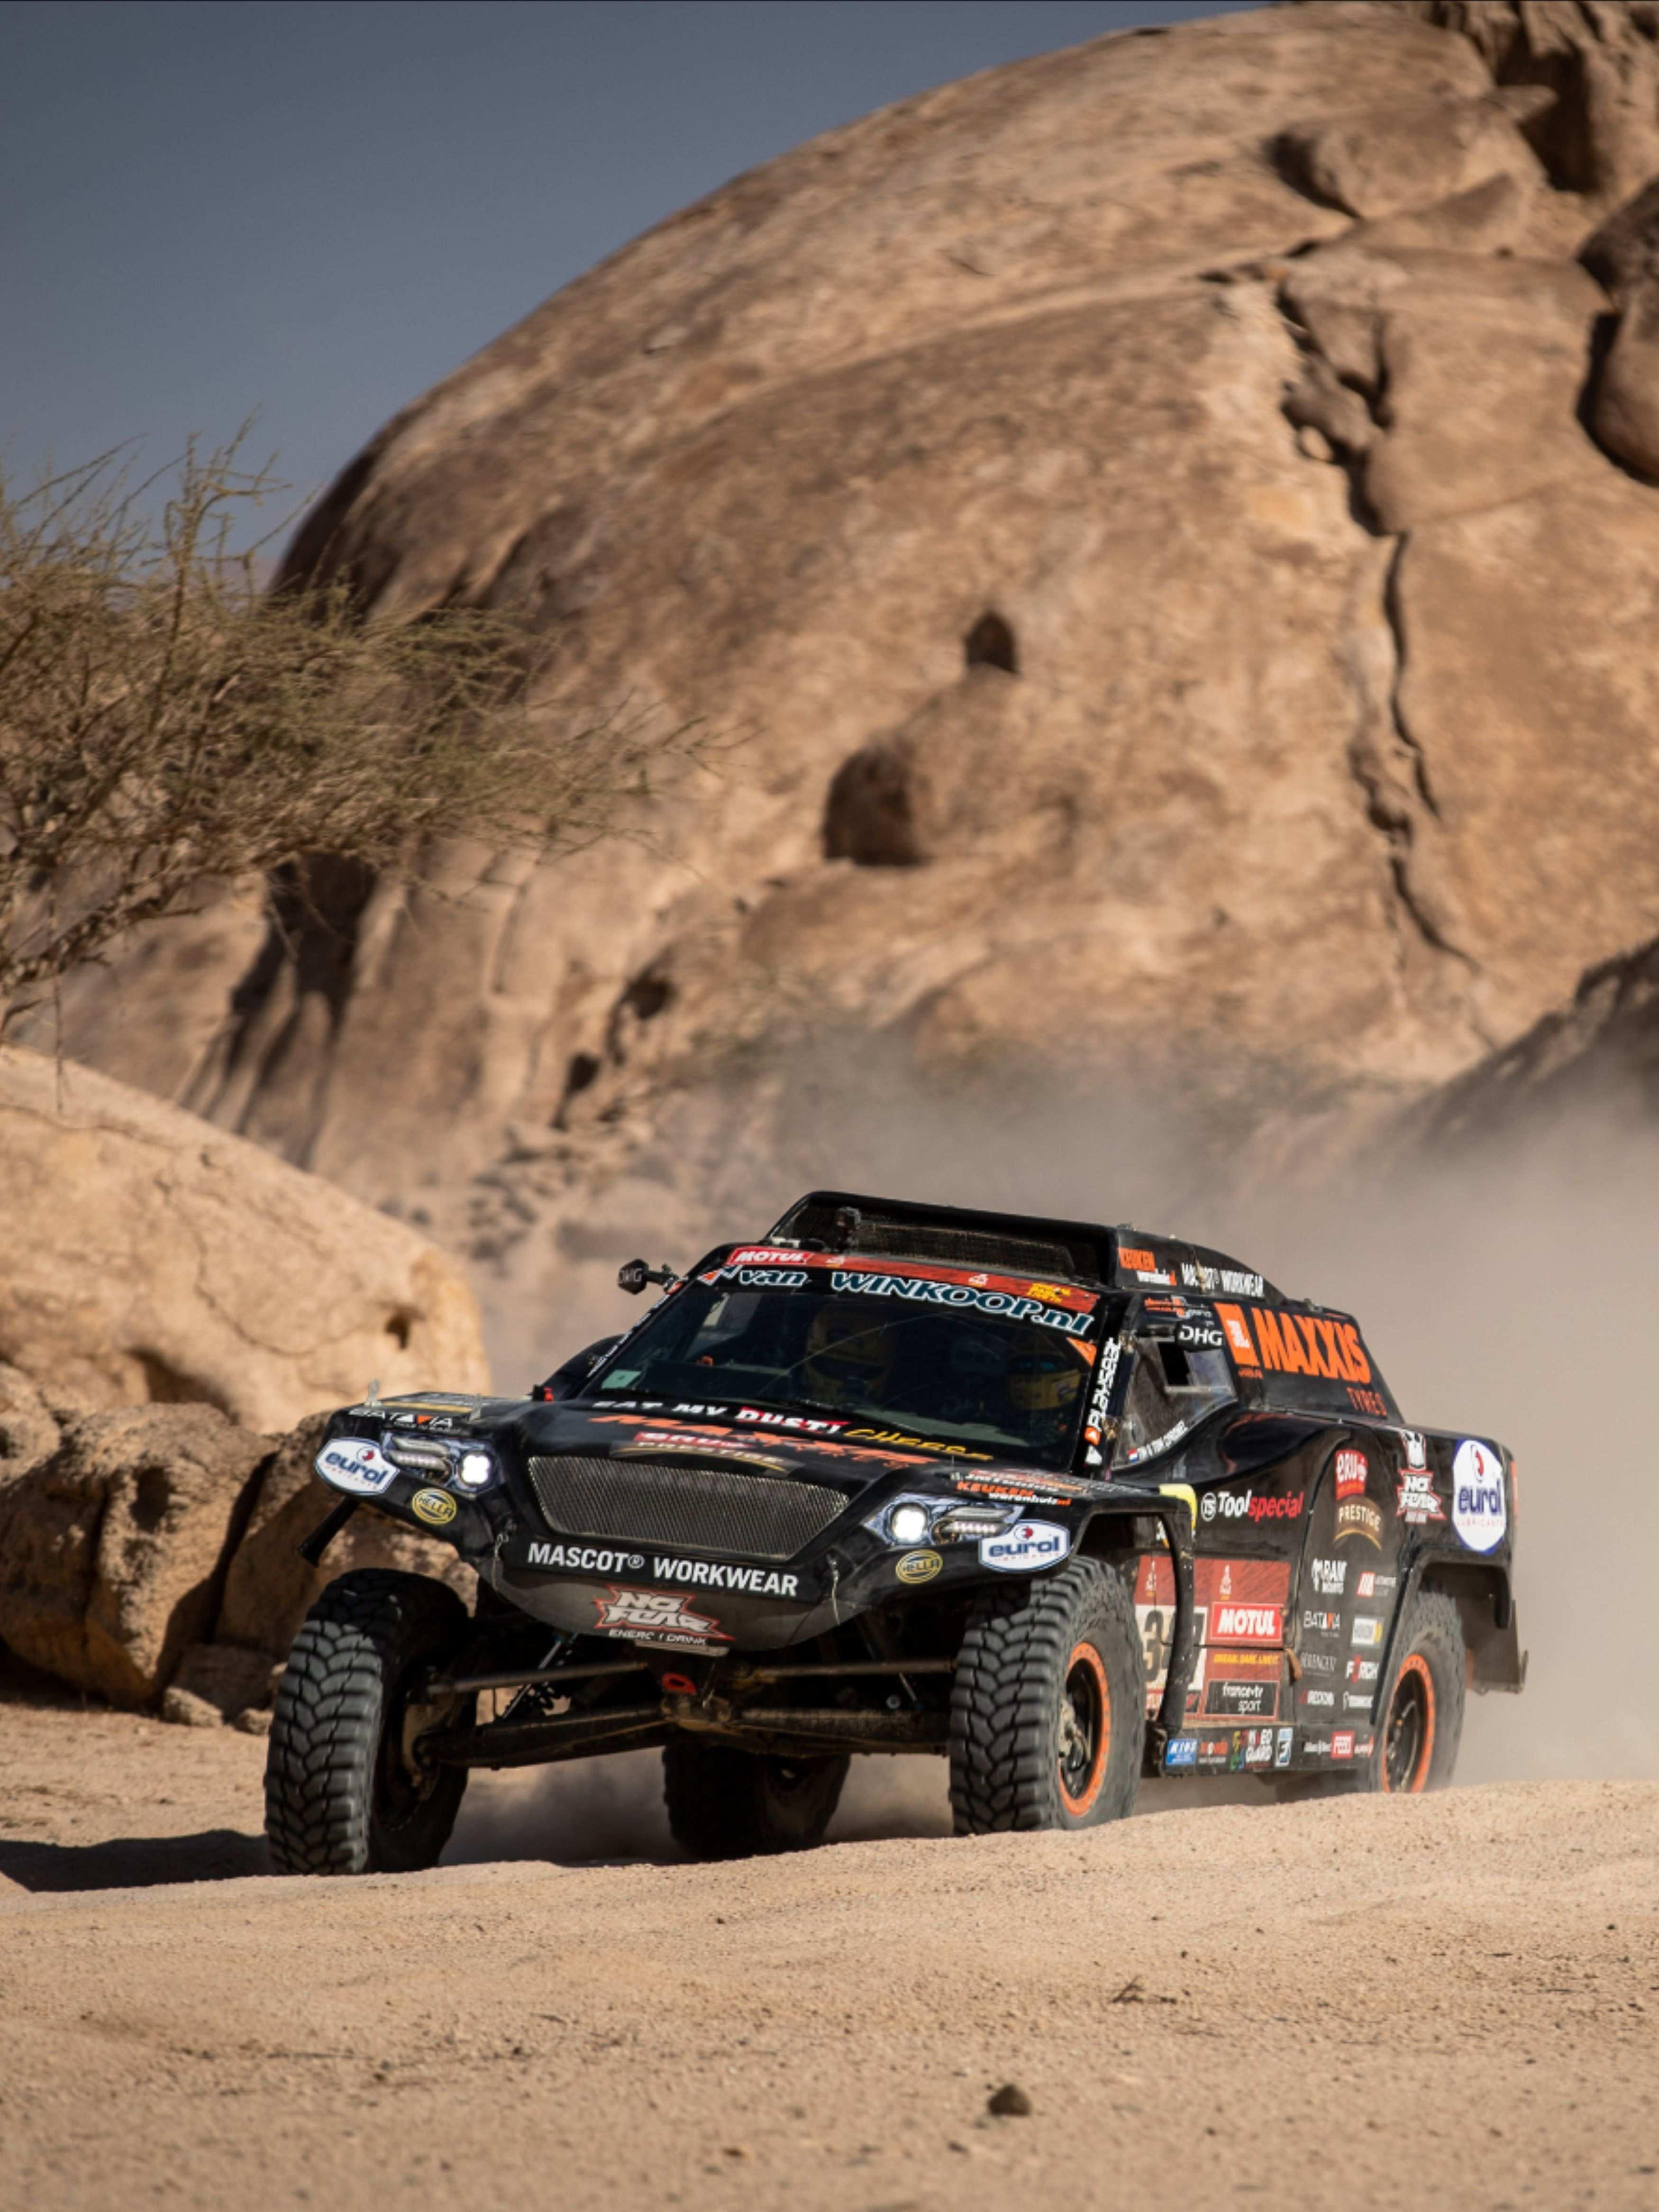 Dakar Rally With The Beast347 Dakar Rally Rally Car